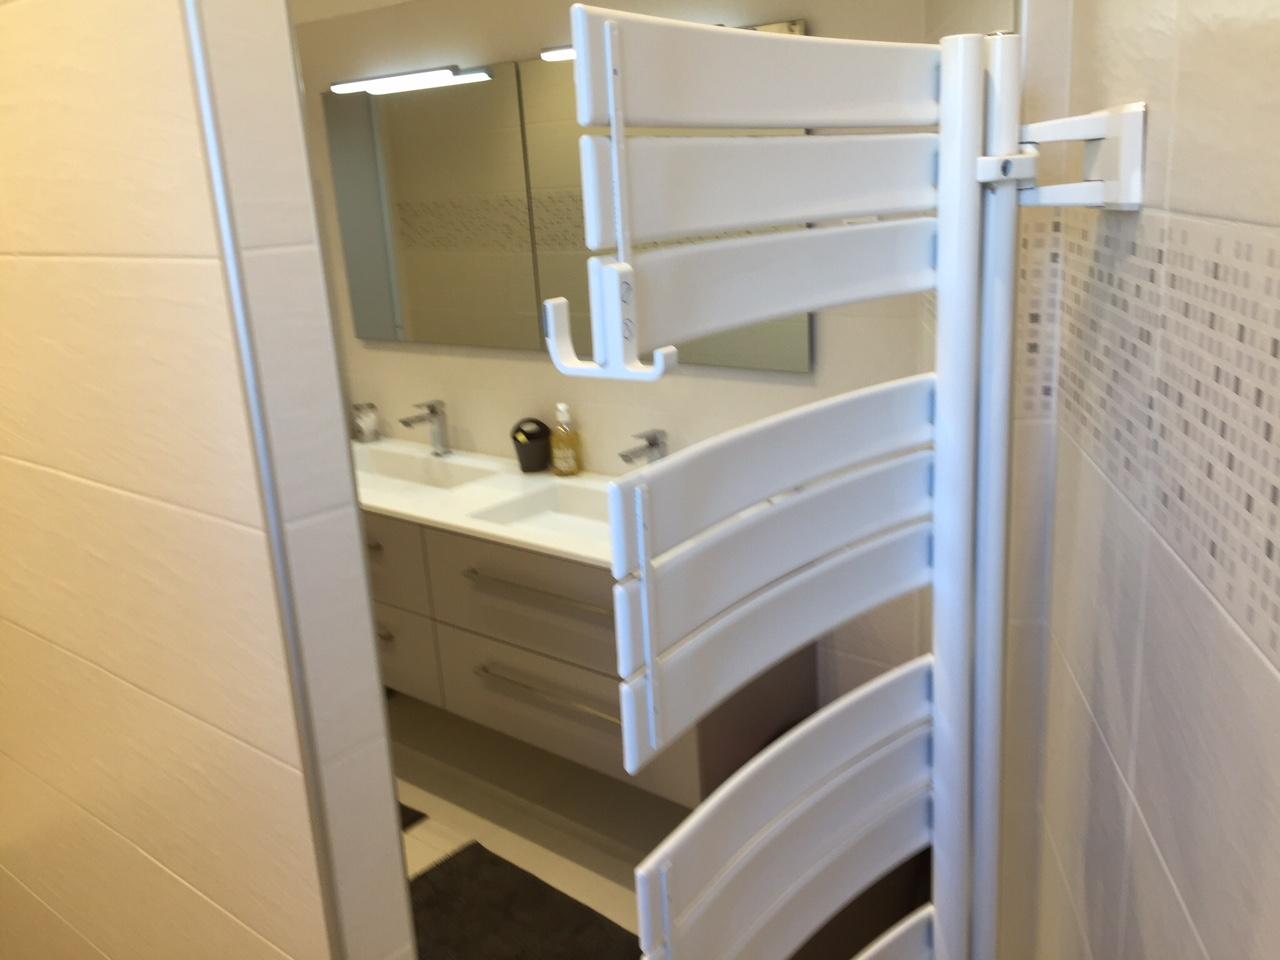 installation de s che serviettes soufflant pour salle de. Black Bedroom Furniture Sets. Home Design Ideas